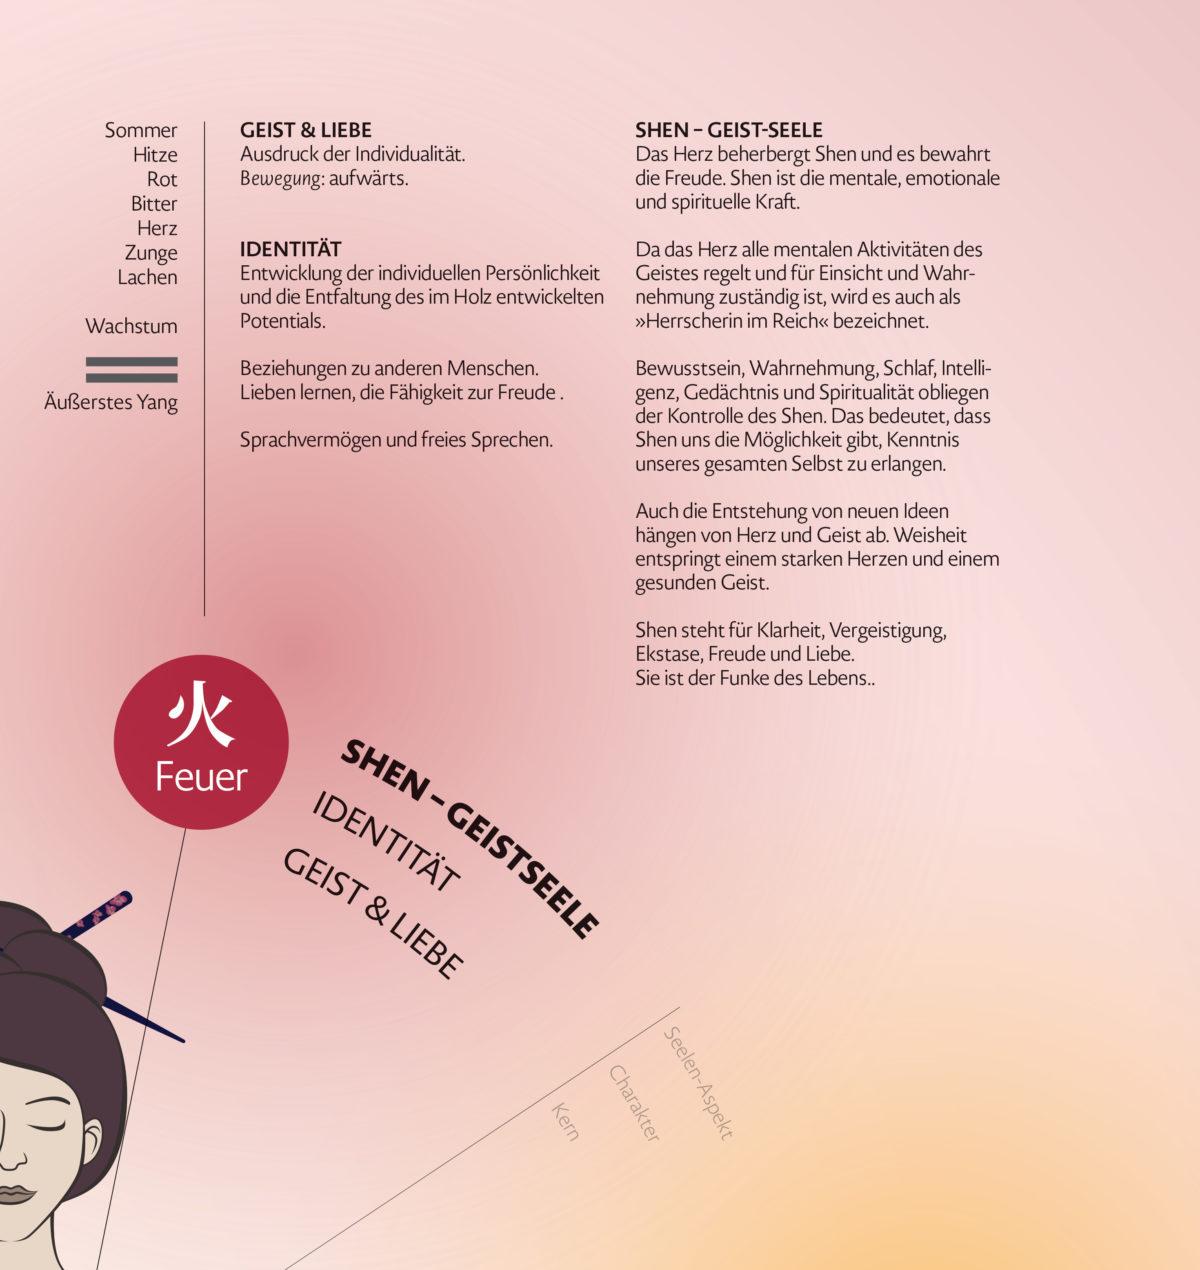 Infografik-Poster über die fünf geistigen Aspekte der Wandlungsphasen Wu Shen mit Beschreibungen des Charakters und des Seelenaspektes, Detail Feuer